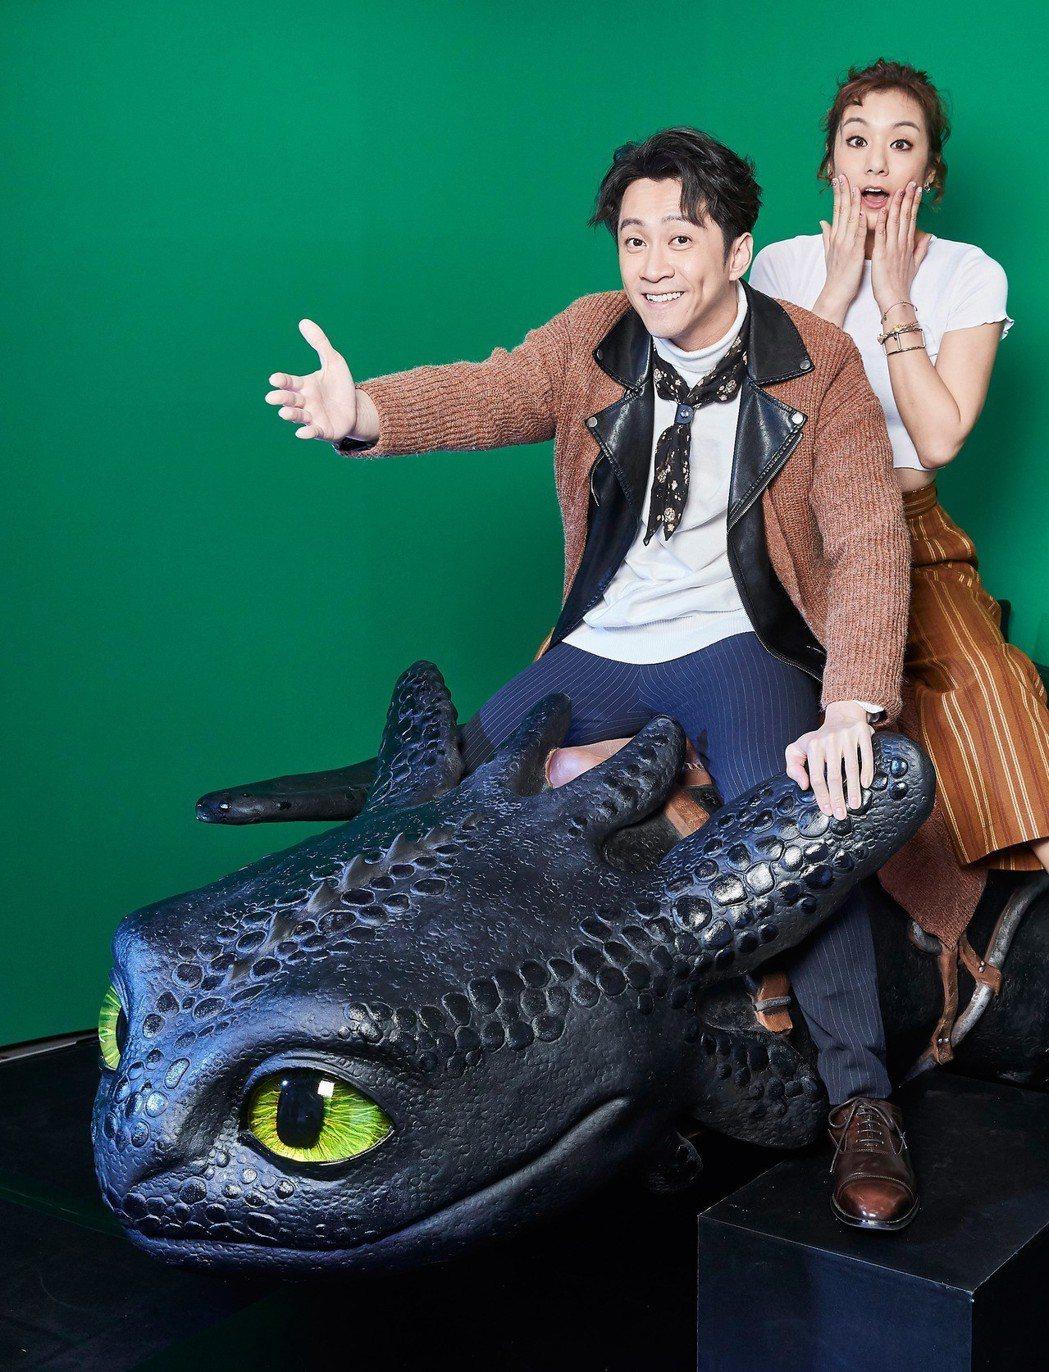 陳漢典與莎莎搶先試玩「馴龍高手3」綠幕體驗,感受騎龍飛天的滋味。圖/UIP提供